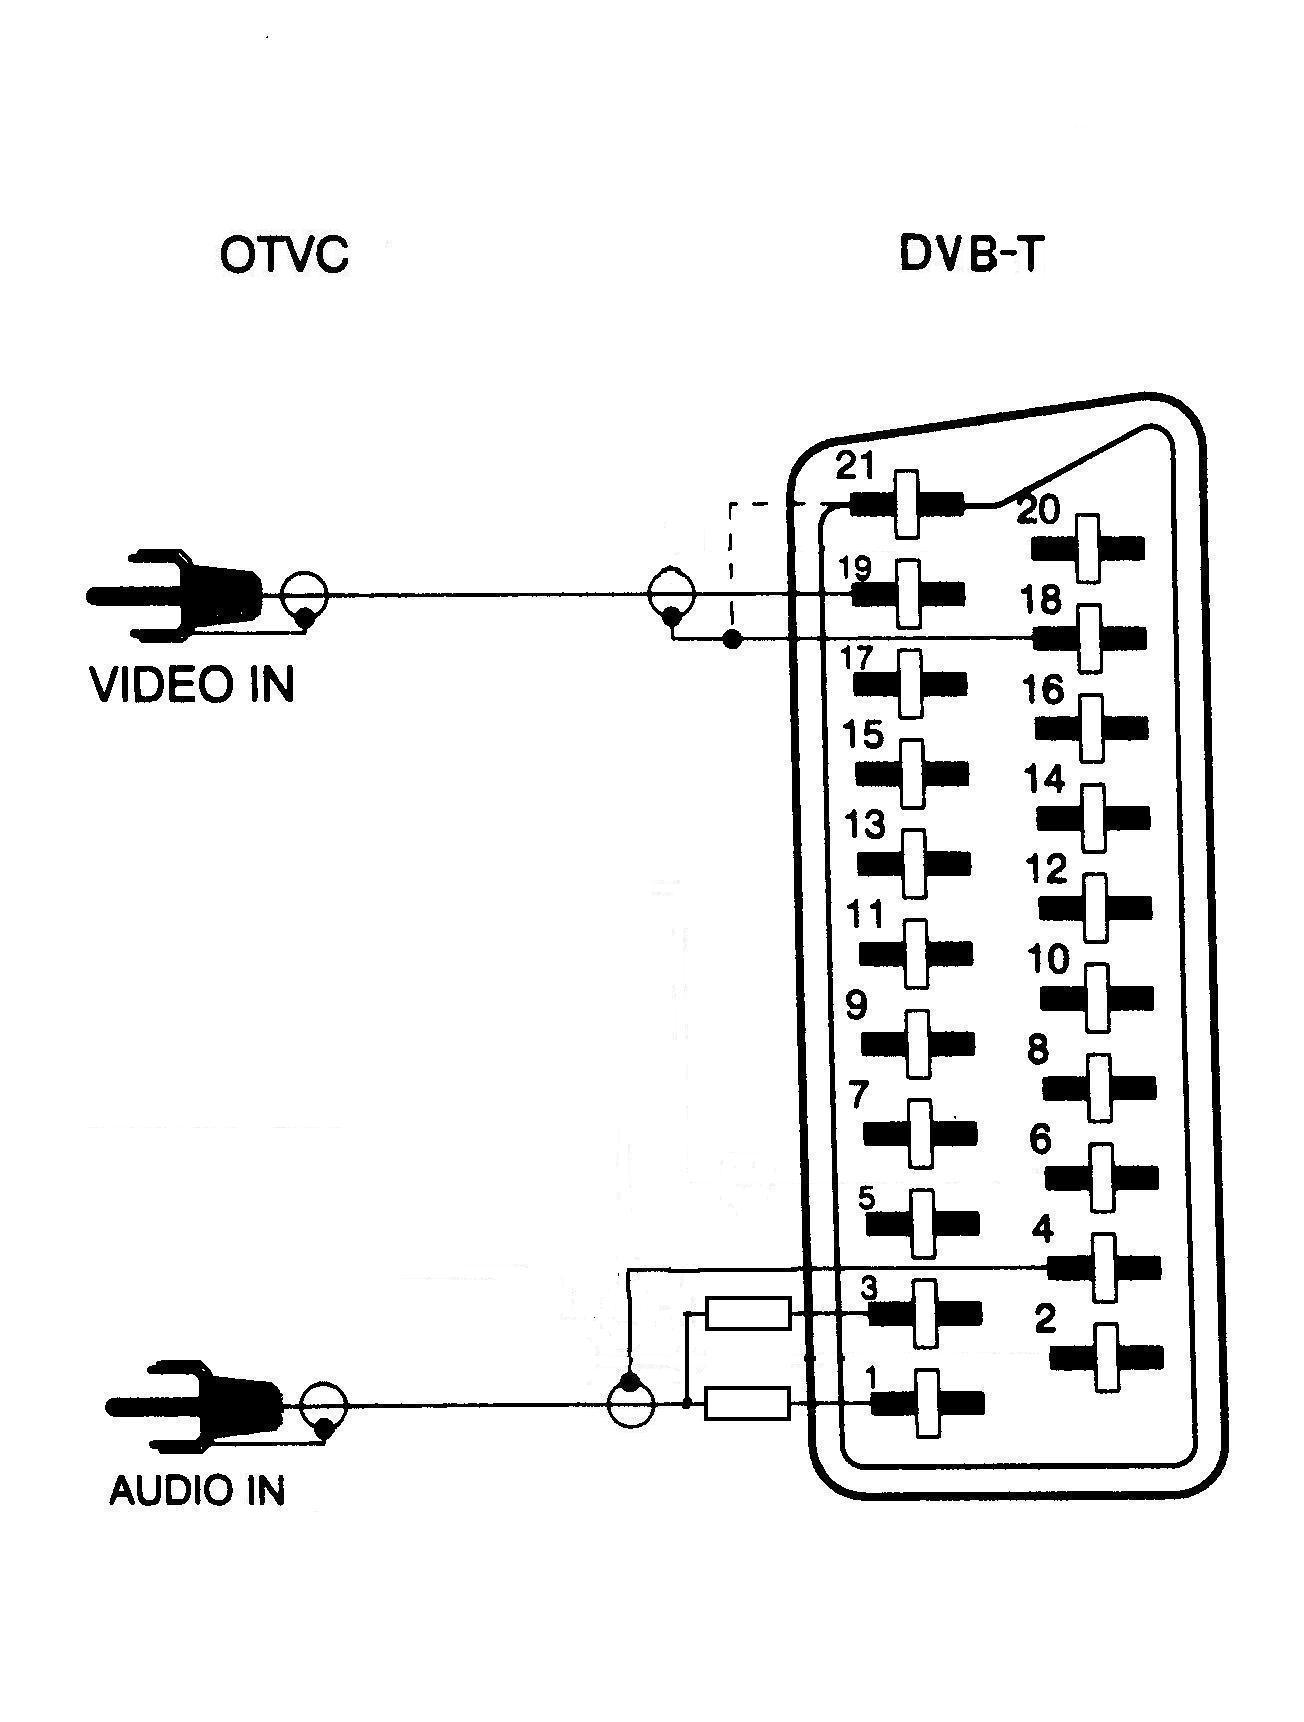 Stary poczciwy kineskopowy telewizor. Dorobi� Euro czy kupi� modulator ?